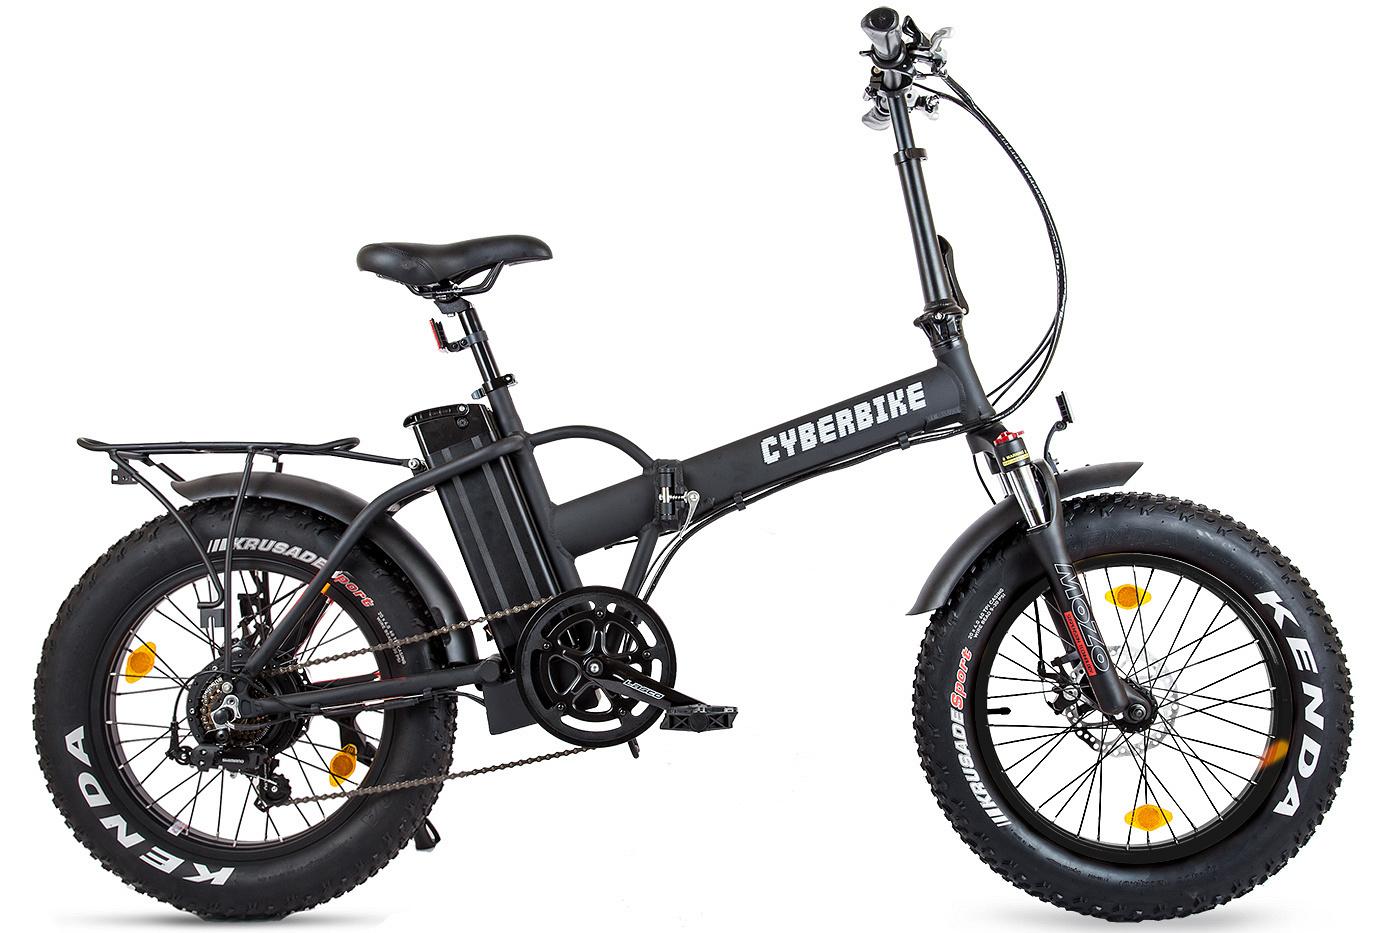 Eltreco Электровелосипед Eltreco Cyberbike 500 W